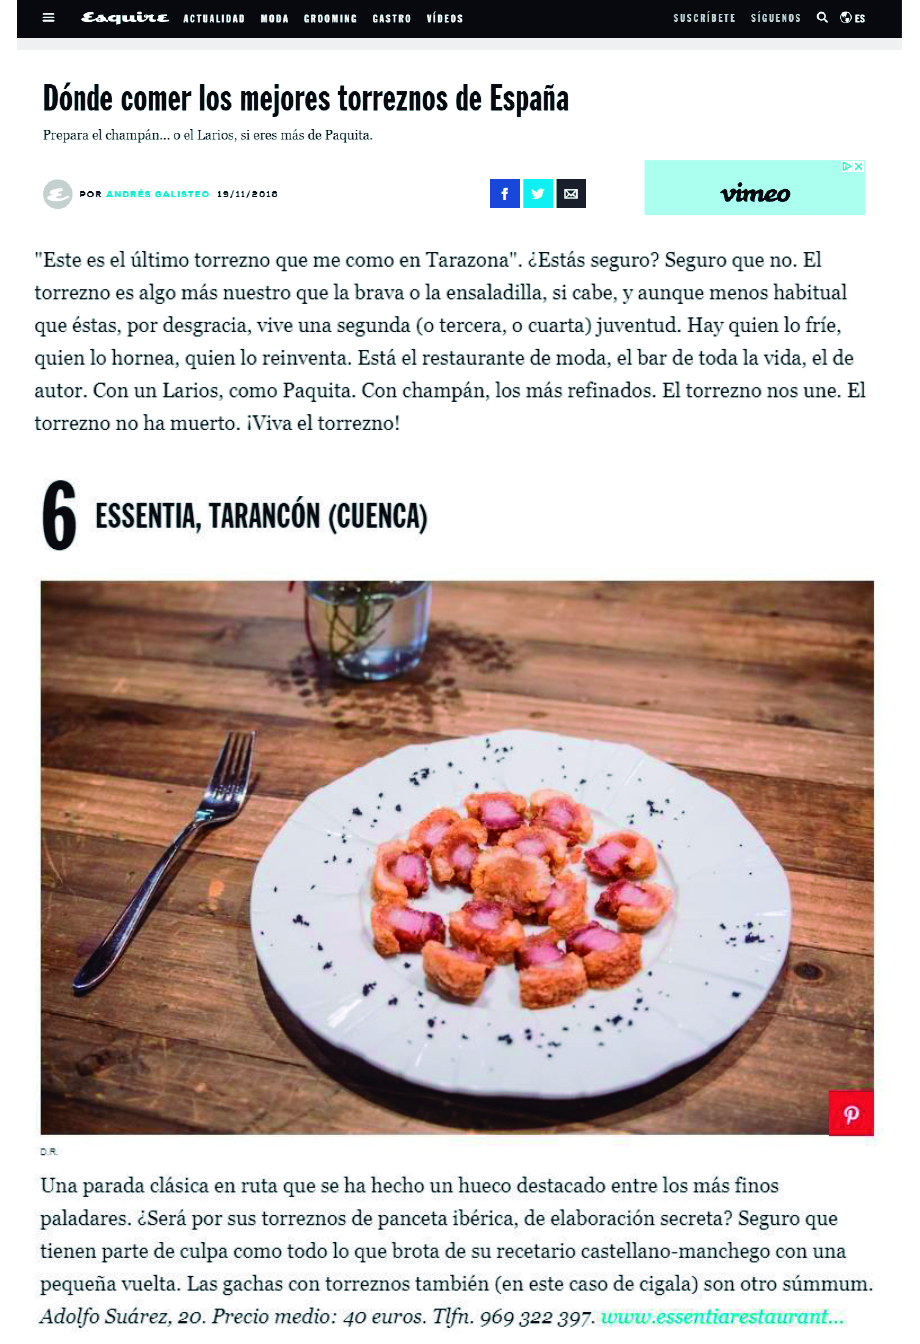 Esquire.es_19 noviembre 2018.jpg